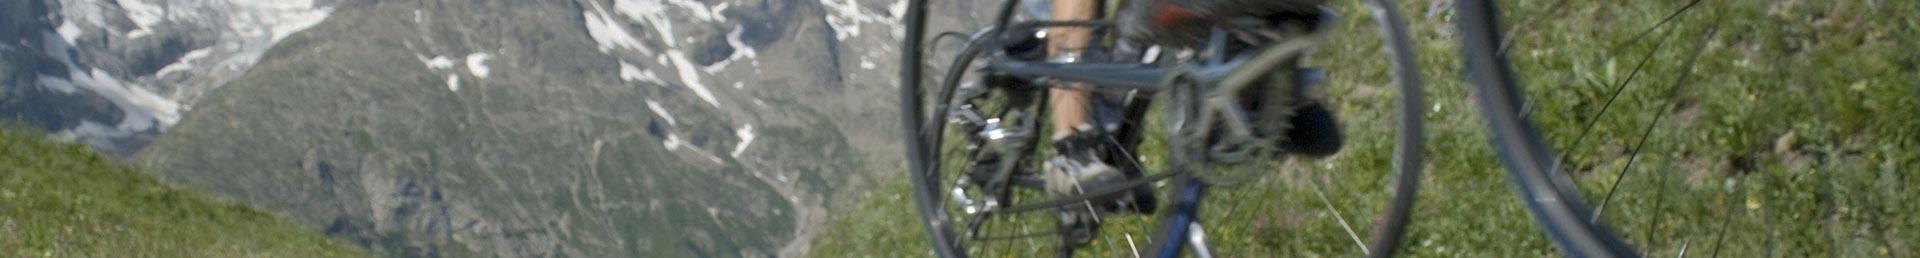 Vélo / VTT Midi-Pyrénées